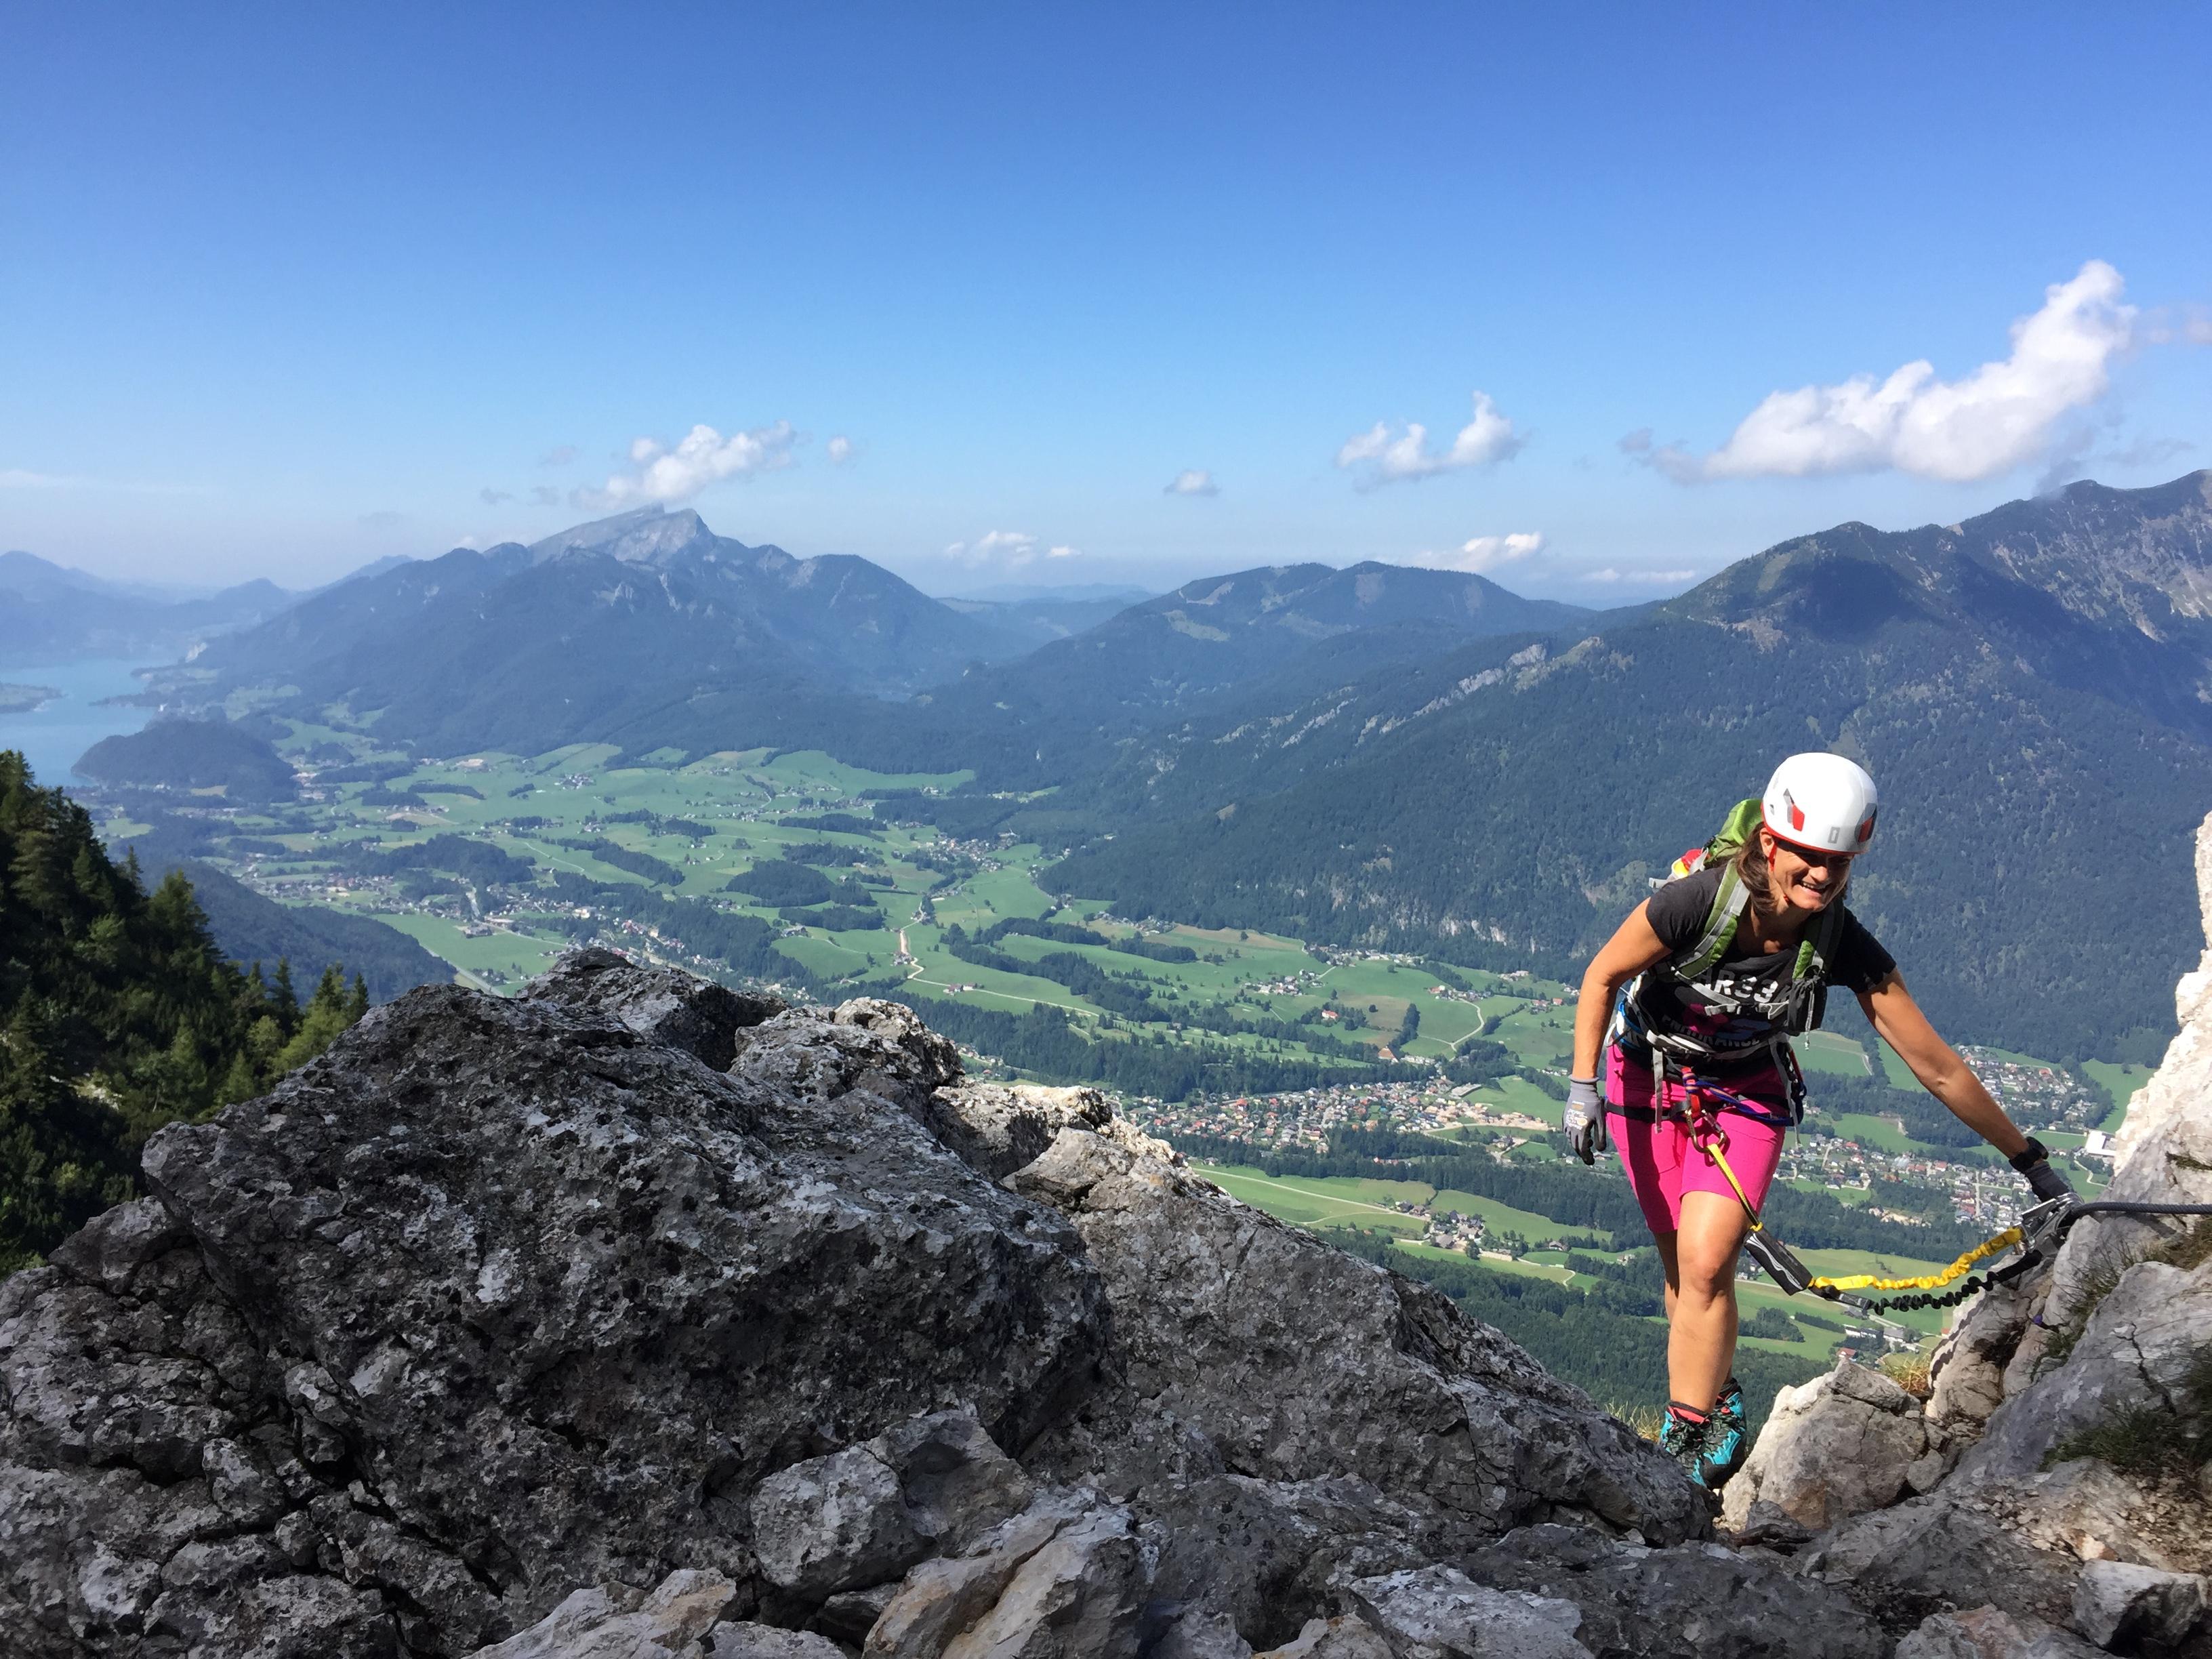 Klettersteig Katrin : Katrin klettersteig und seen wanderung bad ischl youtube